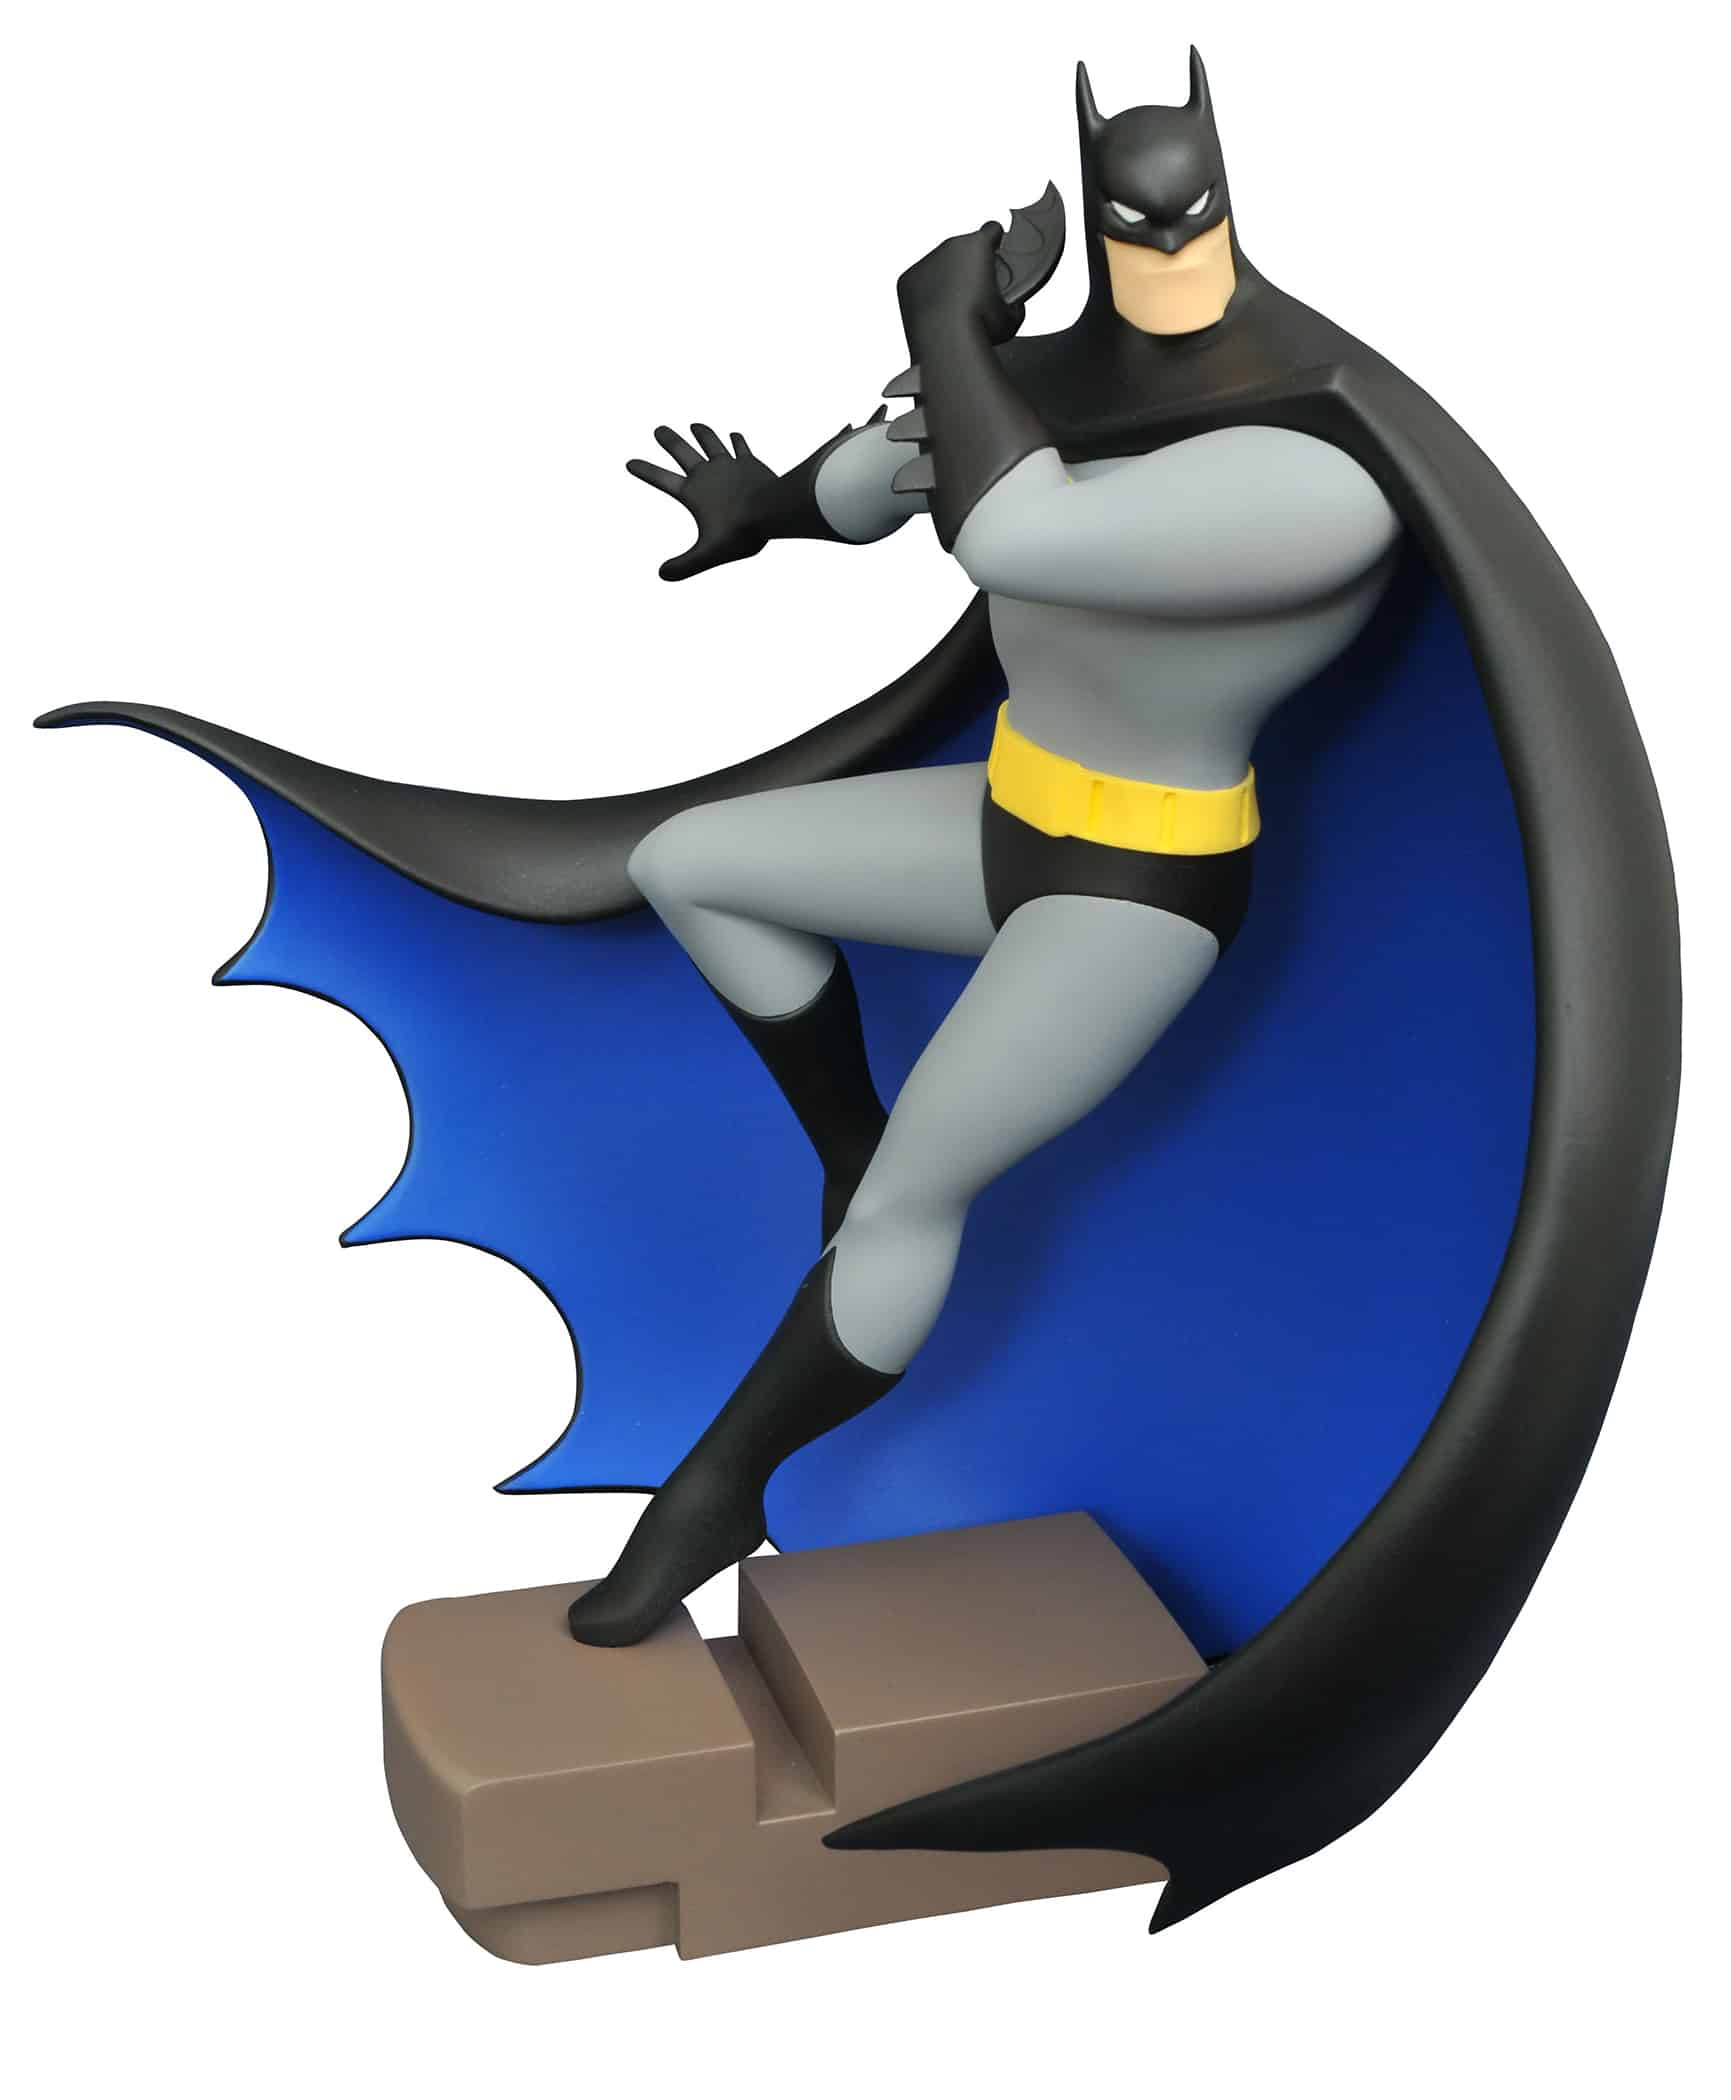 BATMAN FIGURA 22 CM THE ANIMATED SERIES UNIVERSO DC